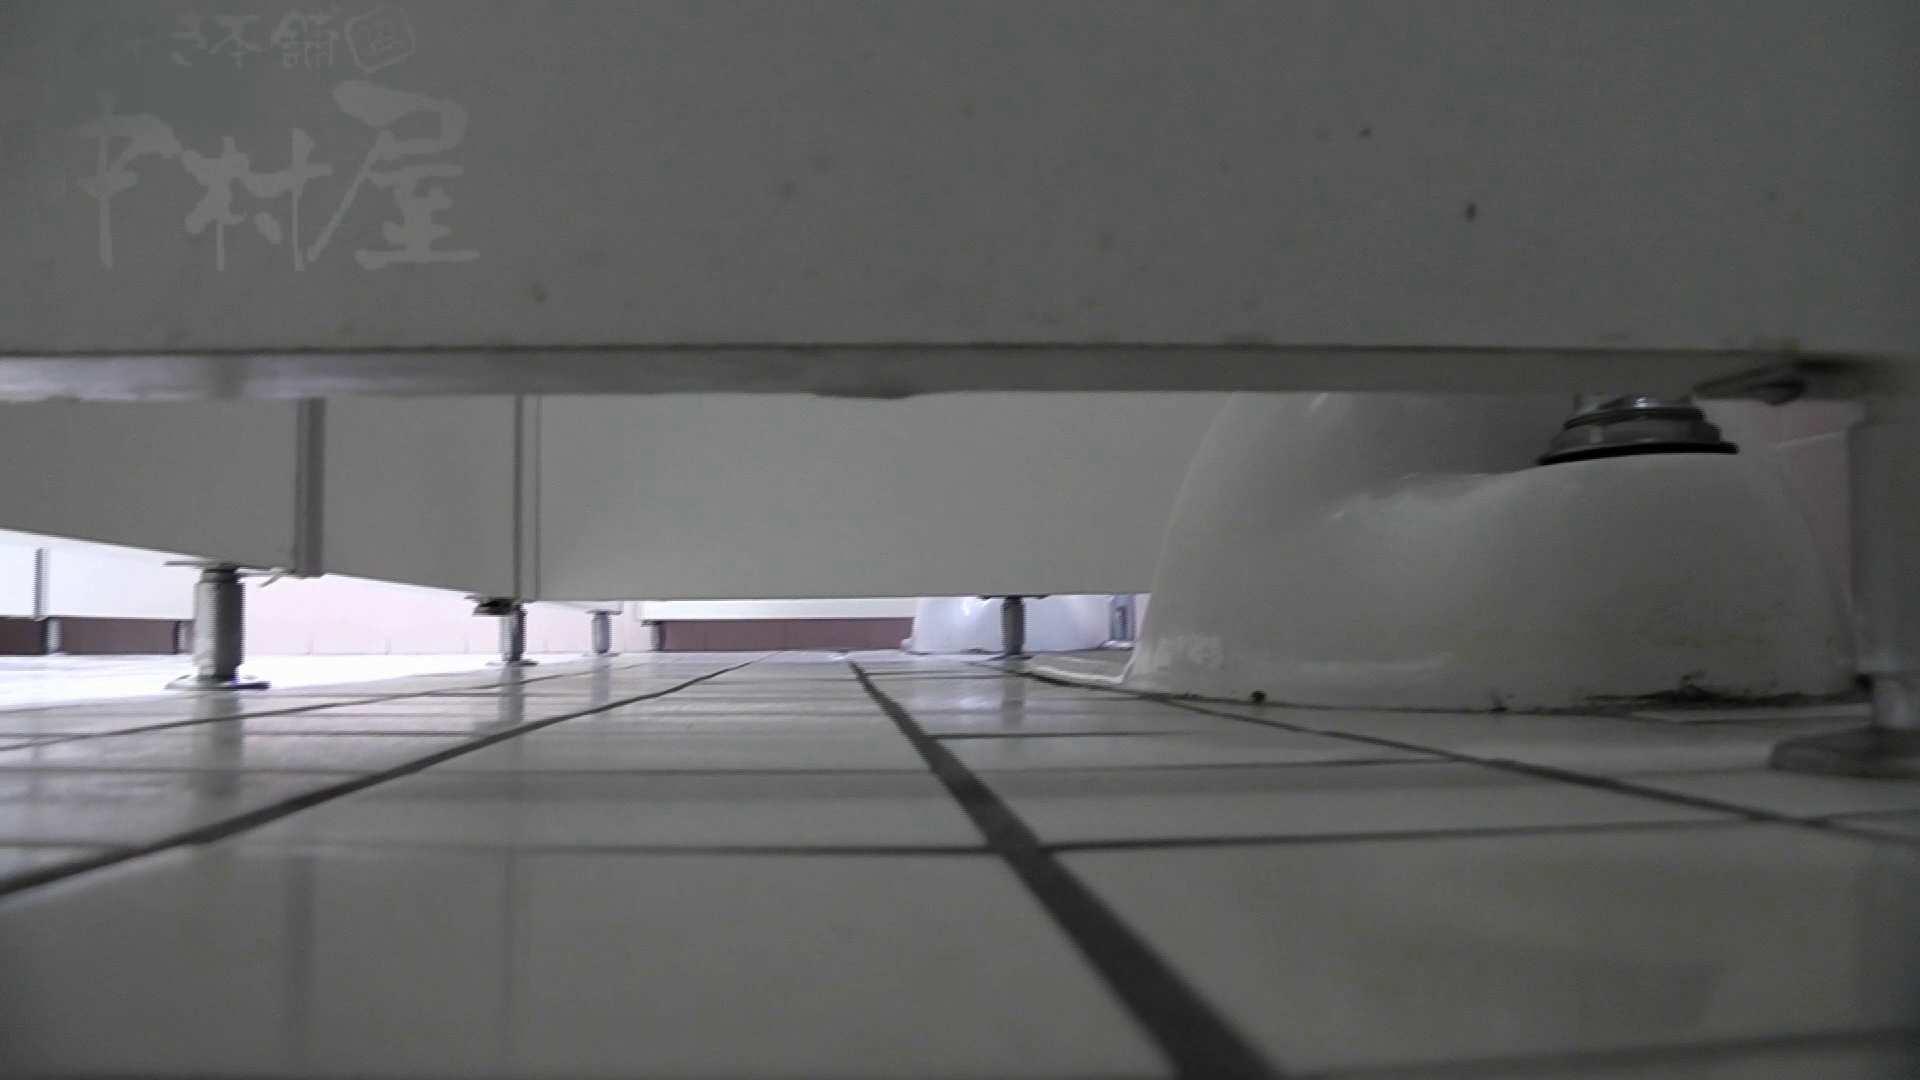 美しい日本の未来 No.26 美女偏差値オール90 女子トイレ編 盗み撮り動画 91PIX 9